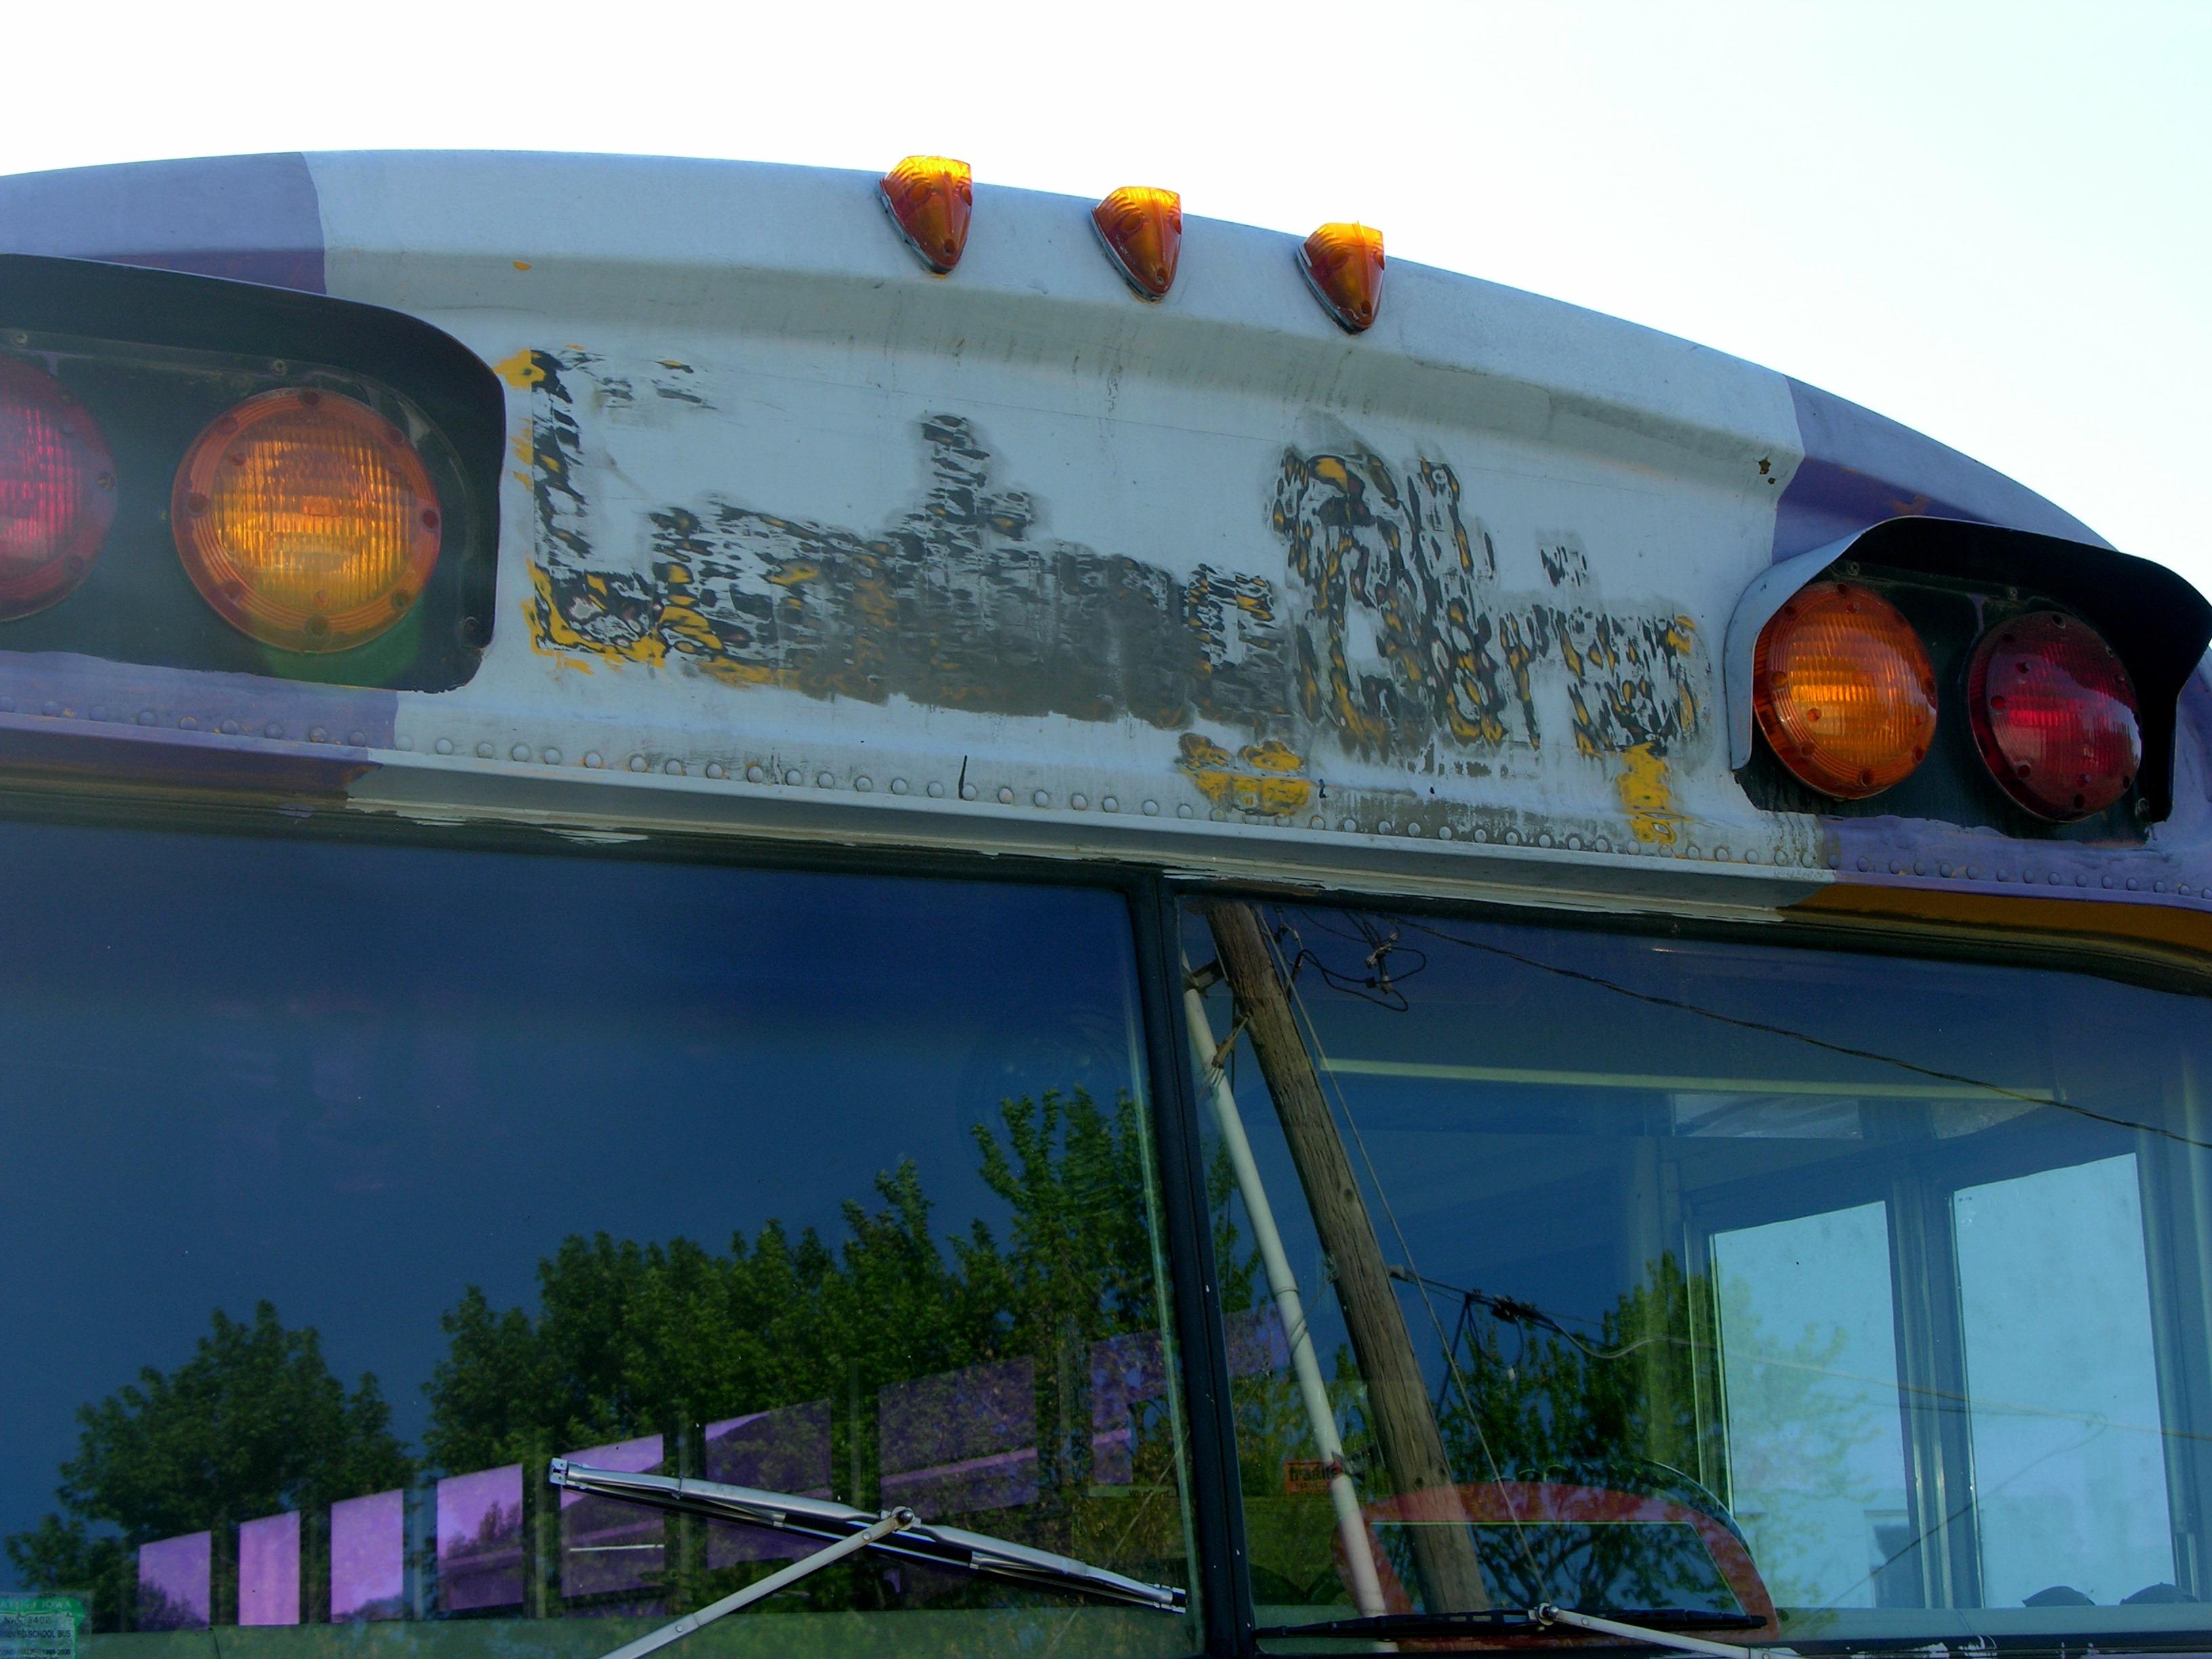 Keith s Schoolbus Conversion Blog